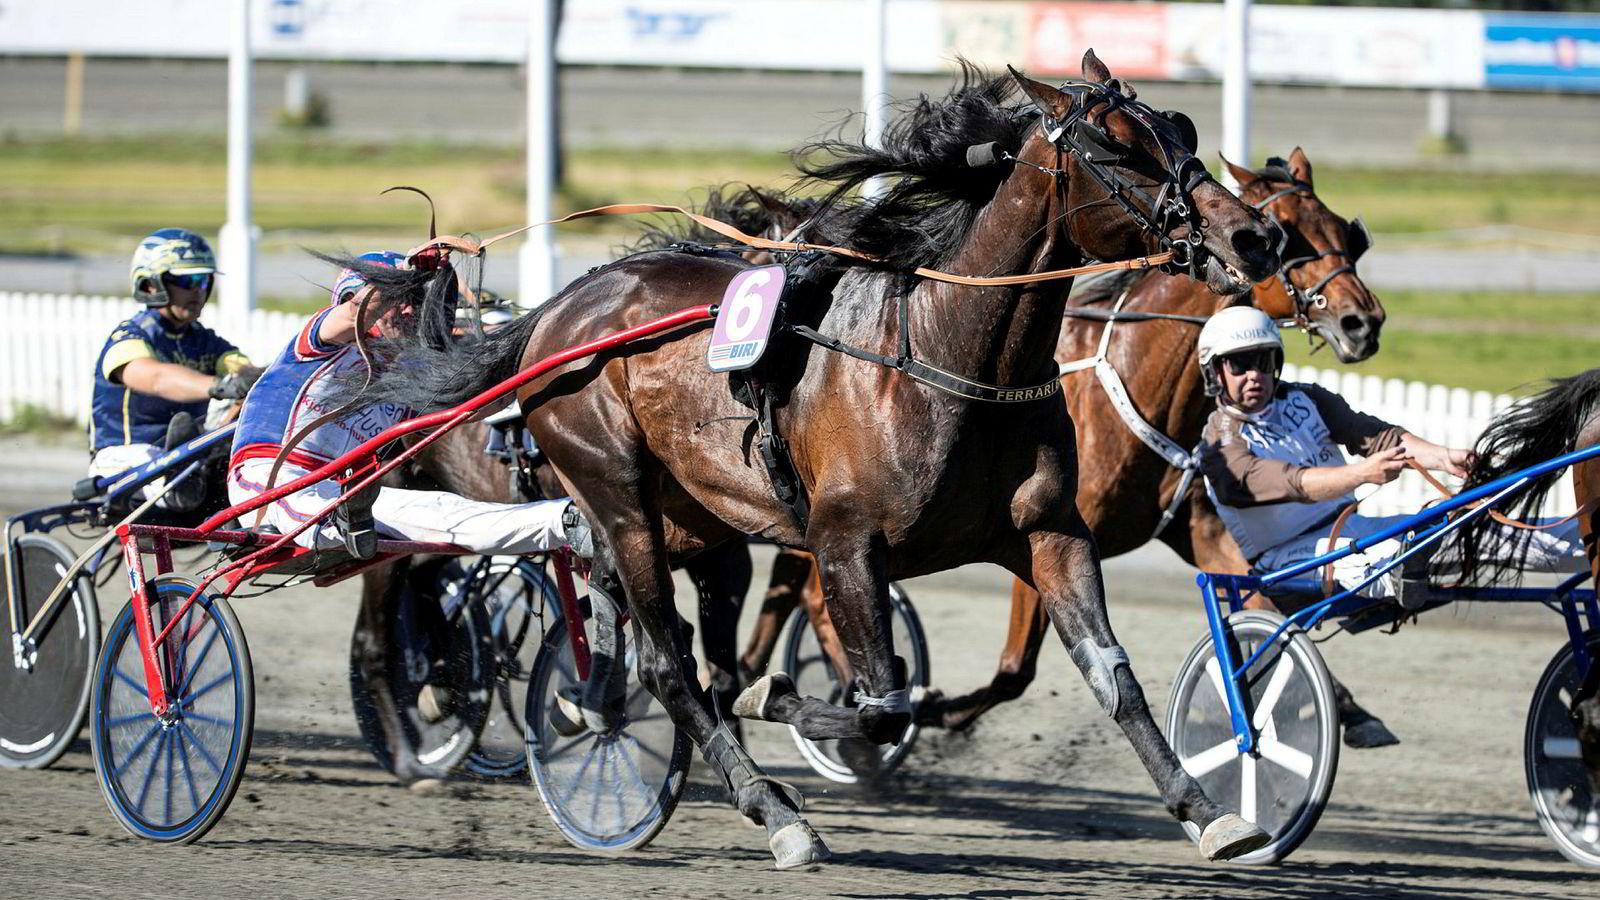 Det Norske Travselskap varsler konkurs og oppsigelser som følge av krav om innføring av tapsgrenser for hestespill.